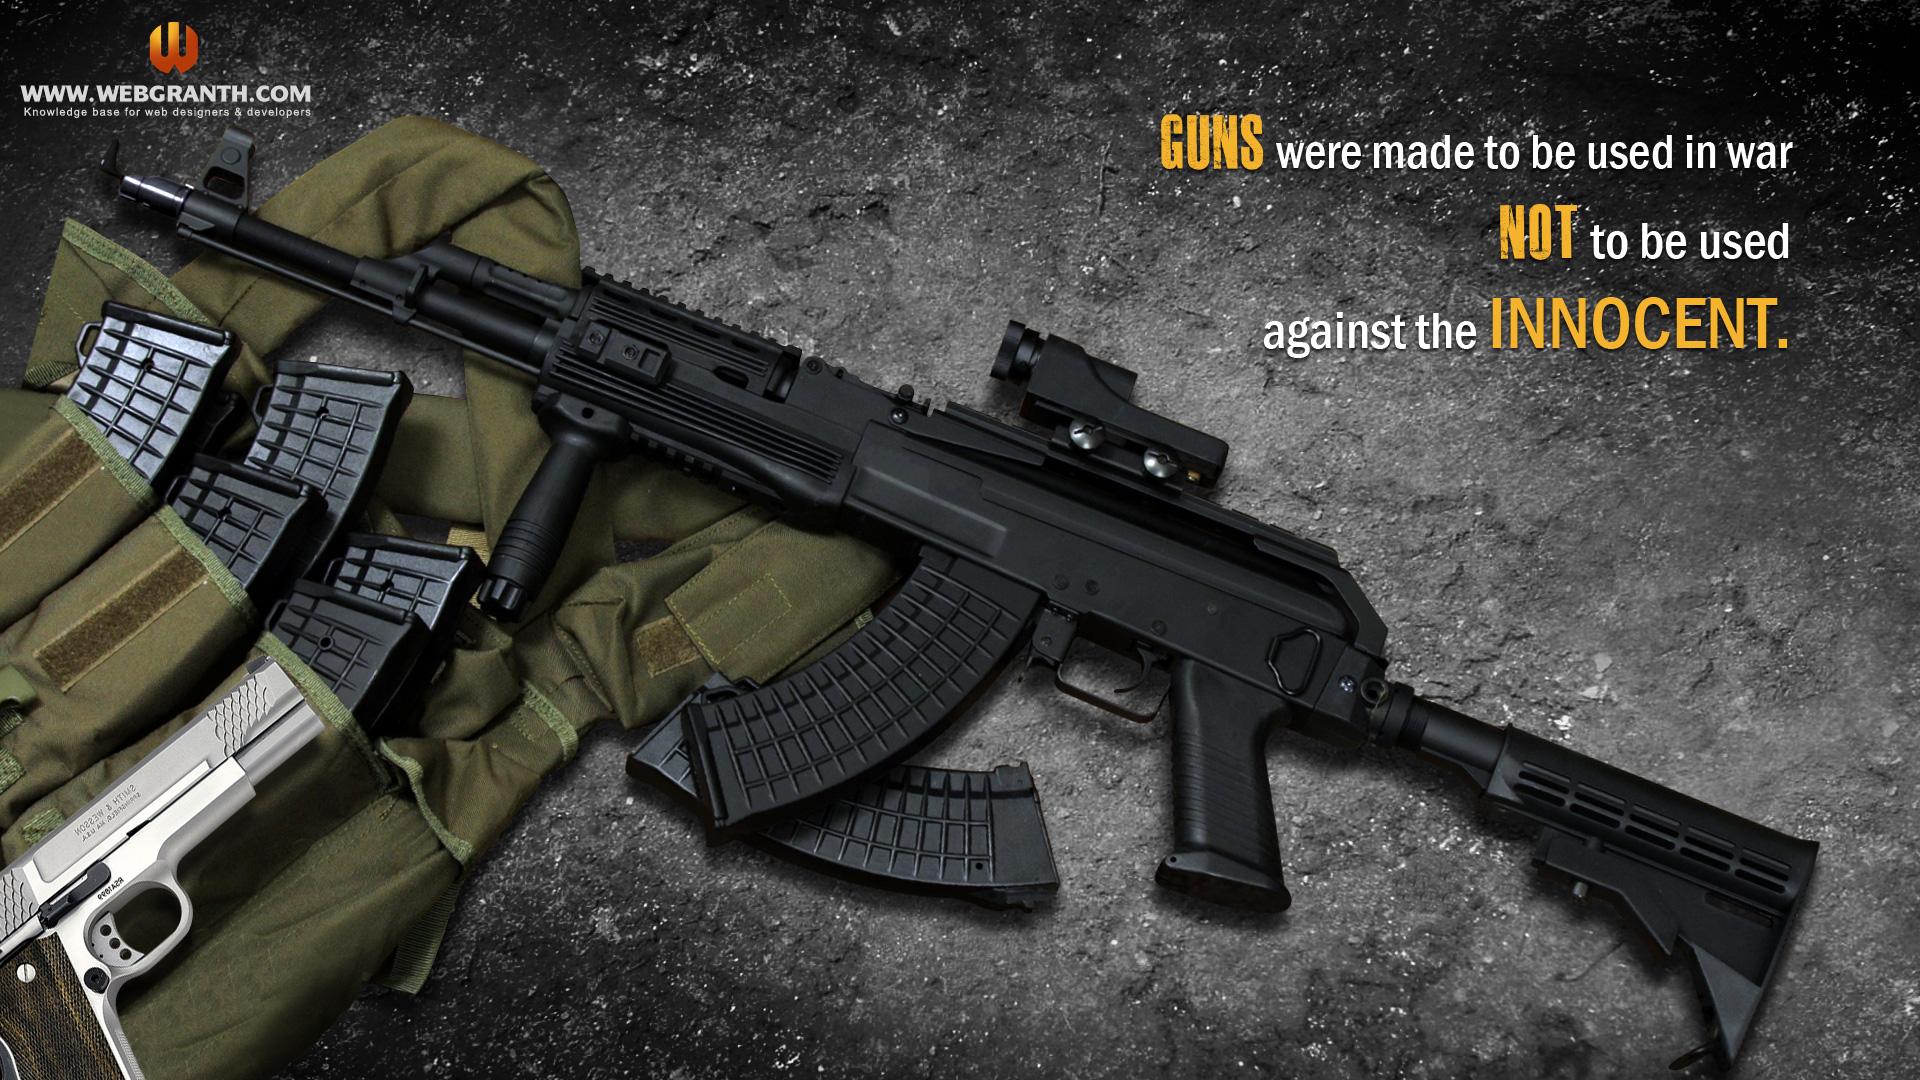 Wallpaper download gun - Best Guns Weapons Wallpapers Free Download Gun Wallpapers 2013